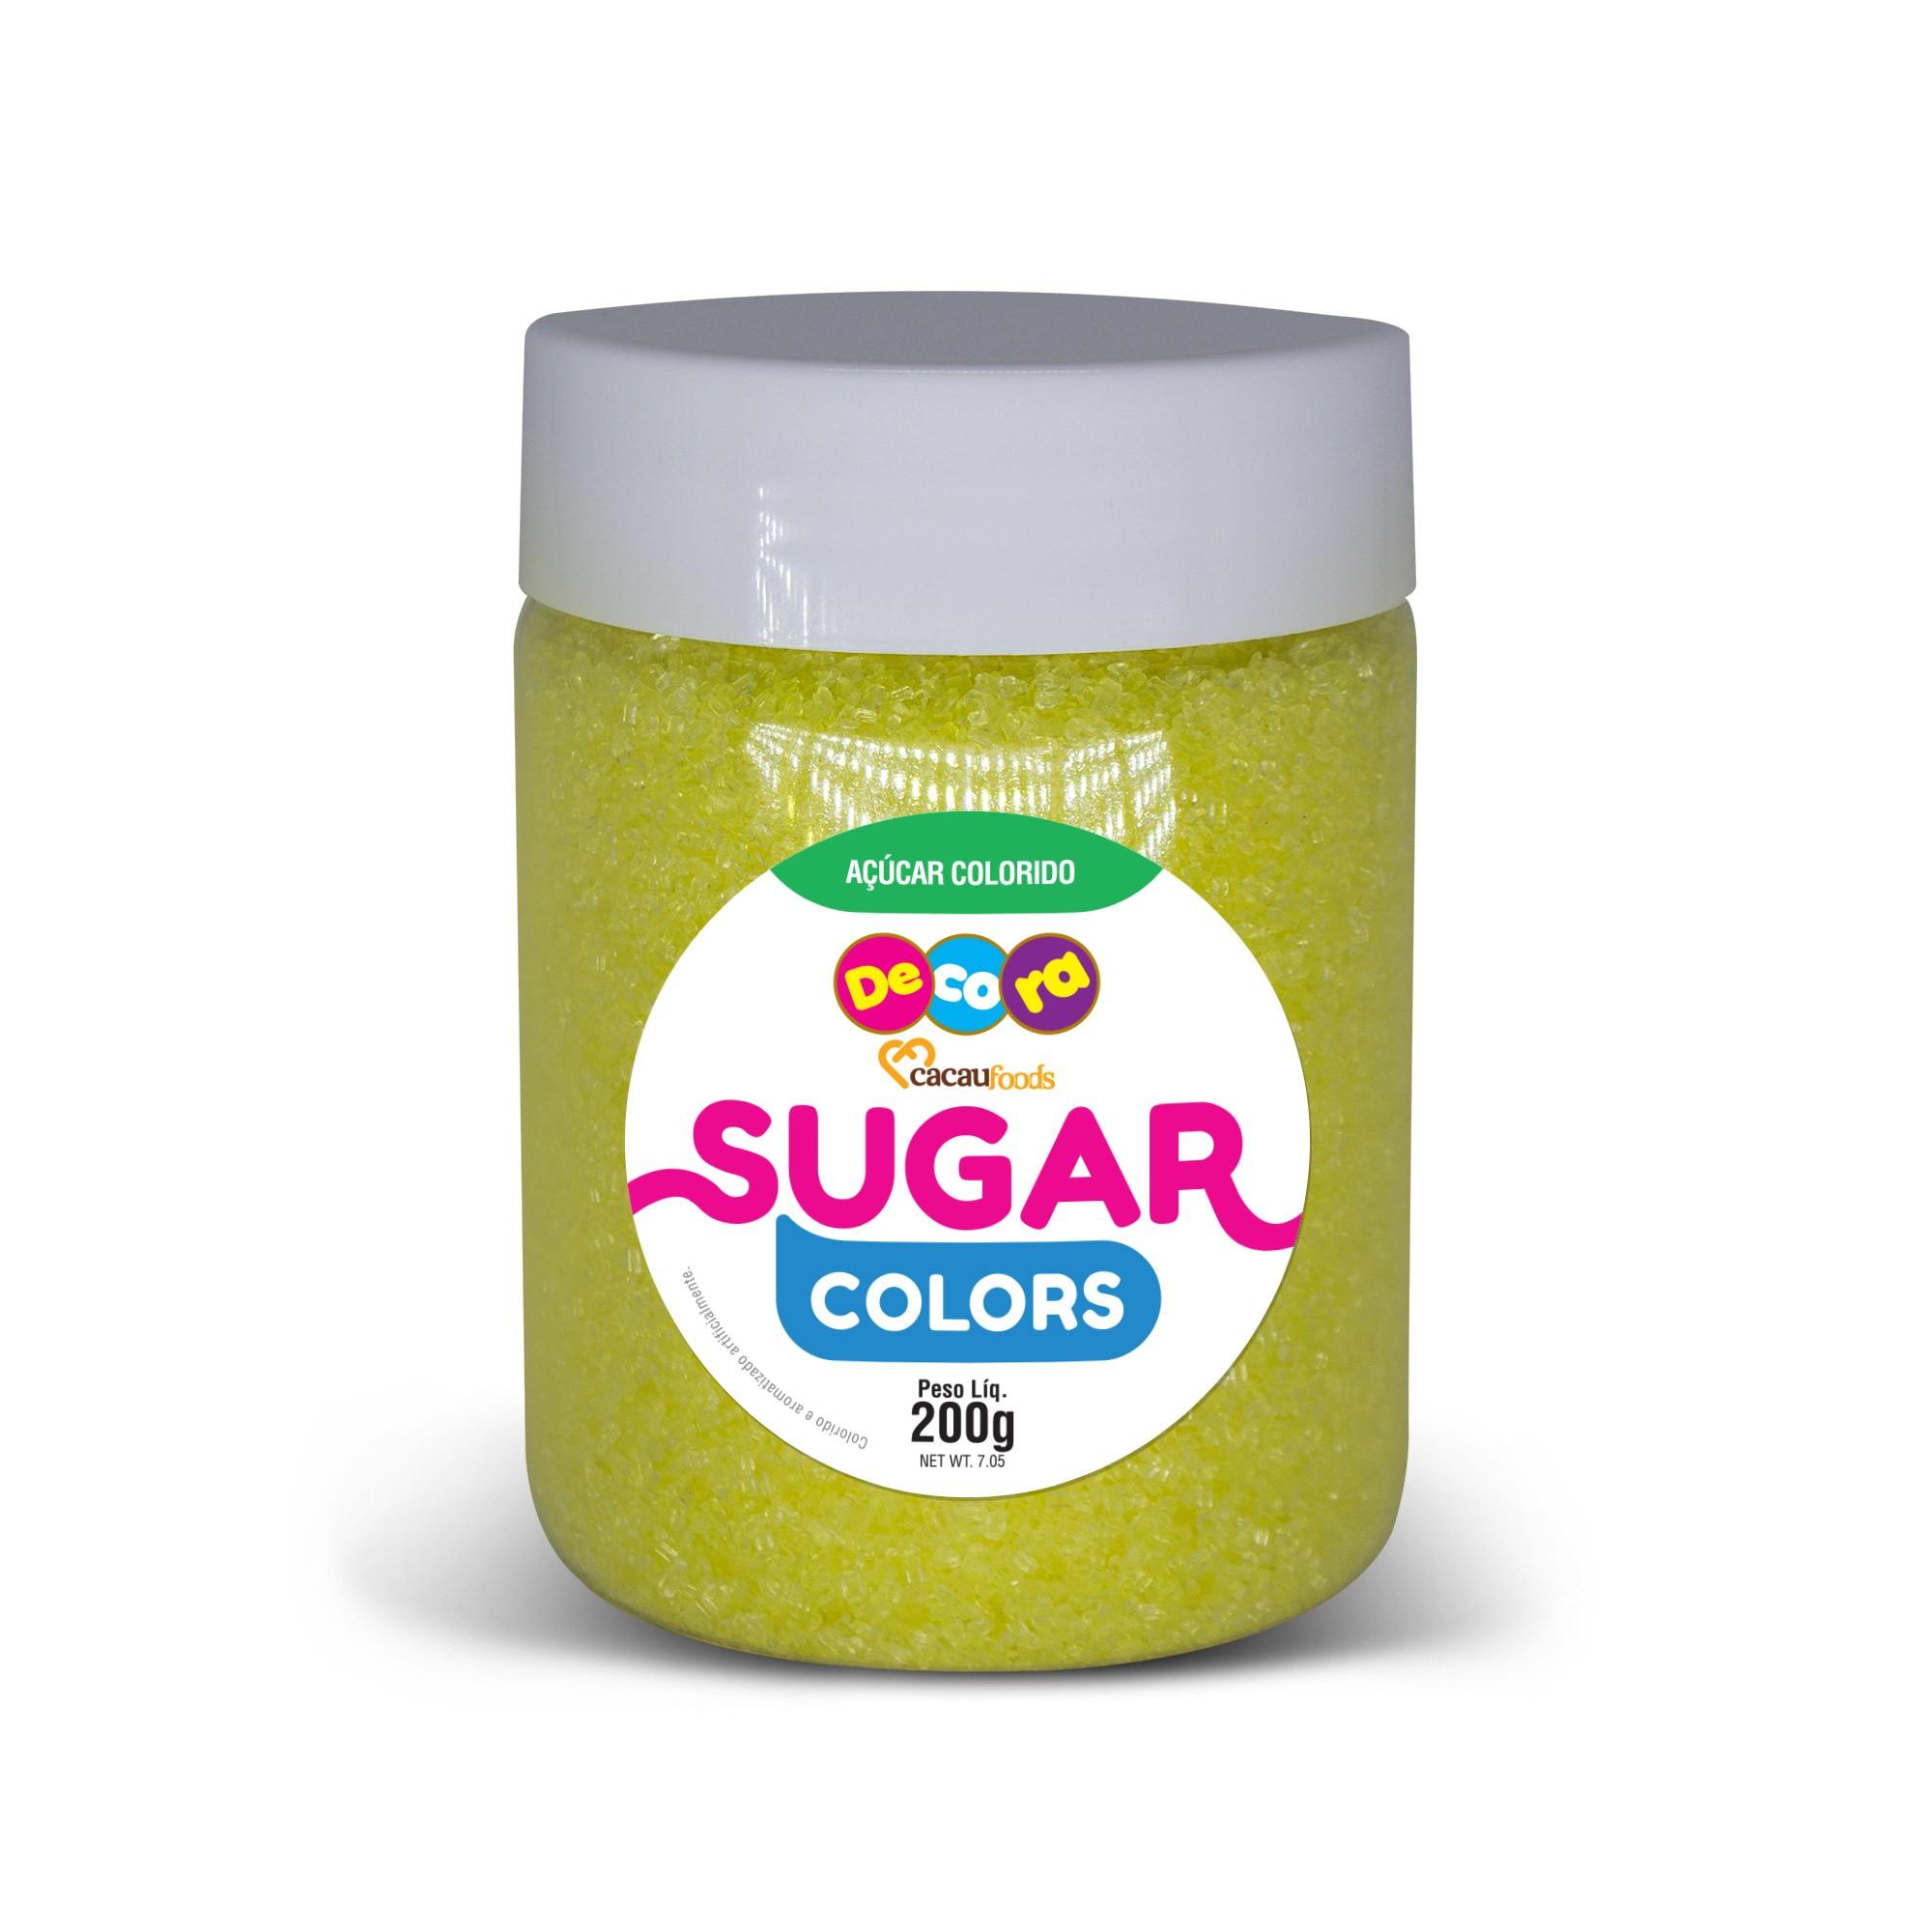 Açúcar Colorido Sugar Colors Amarelo 200g